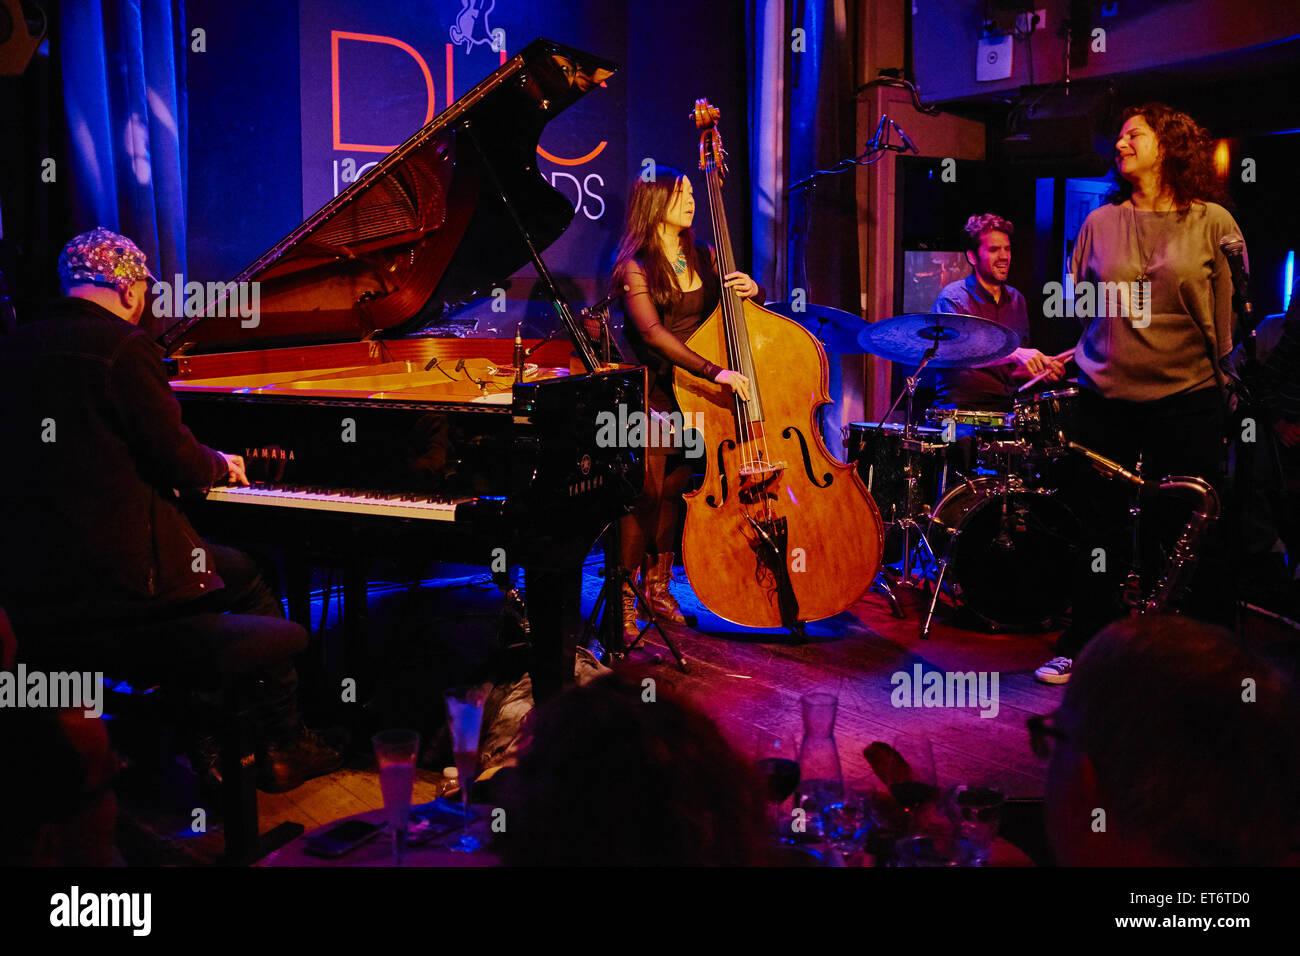 France, Paris (75), le club de jazz le Duc des Lombards, 42 rue des lombards, 75001 Paris, concert de Anat Cohen - Stock Image